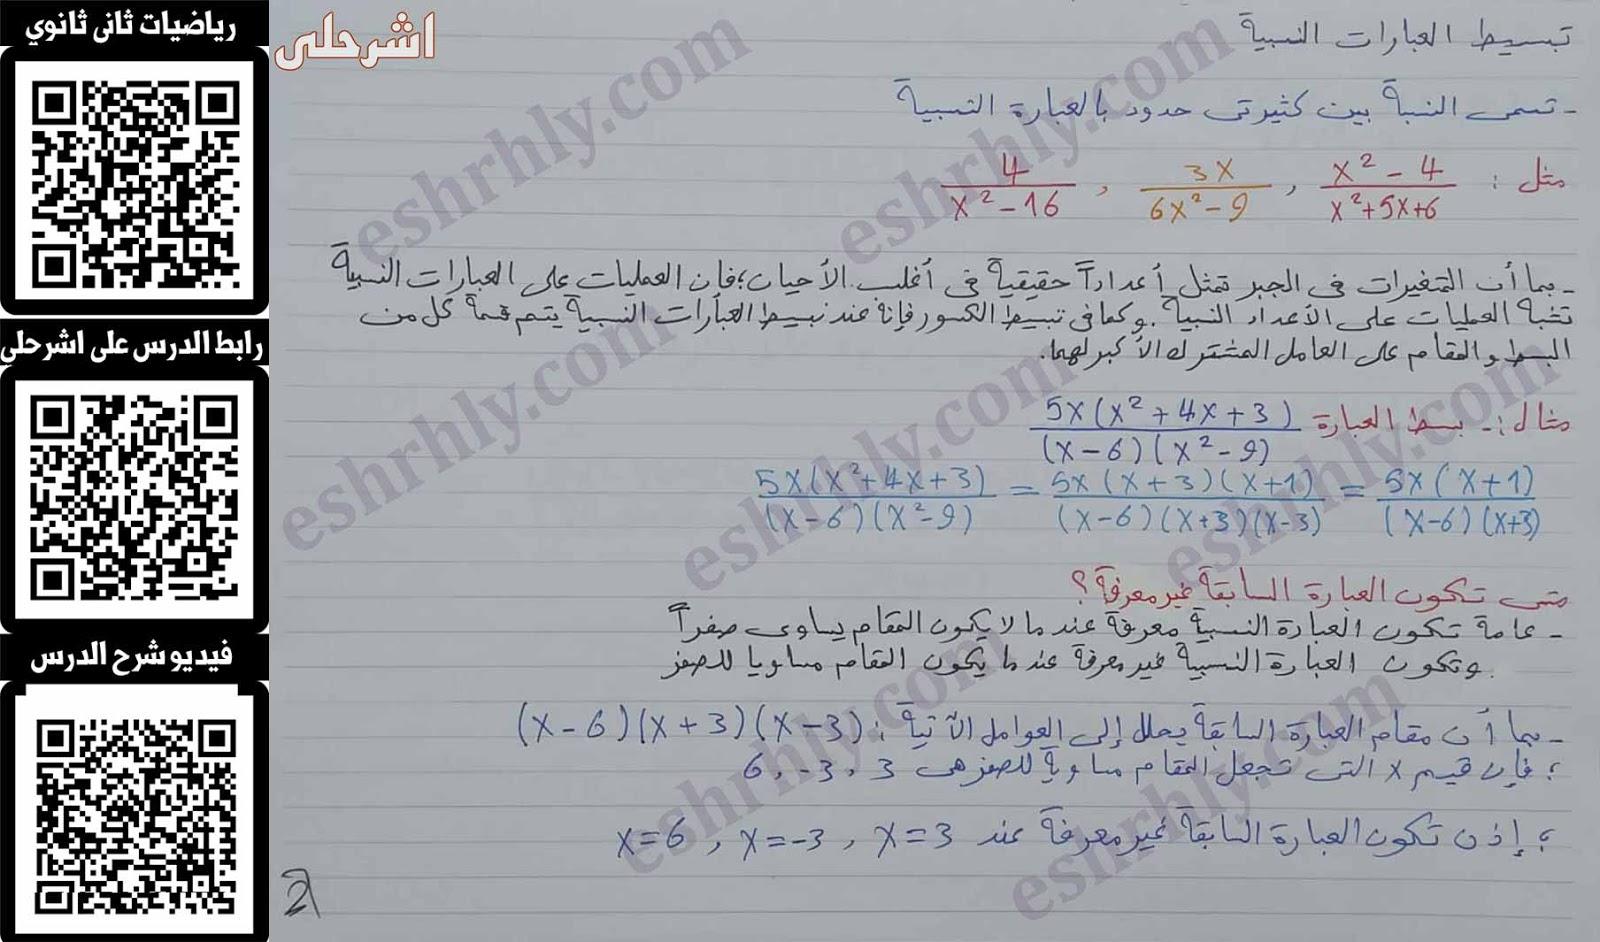 شرح درس ضرب العبارات النسبية وقسمتها